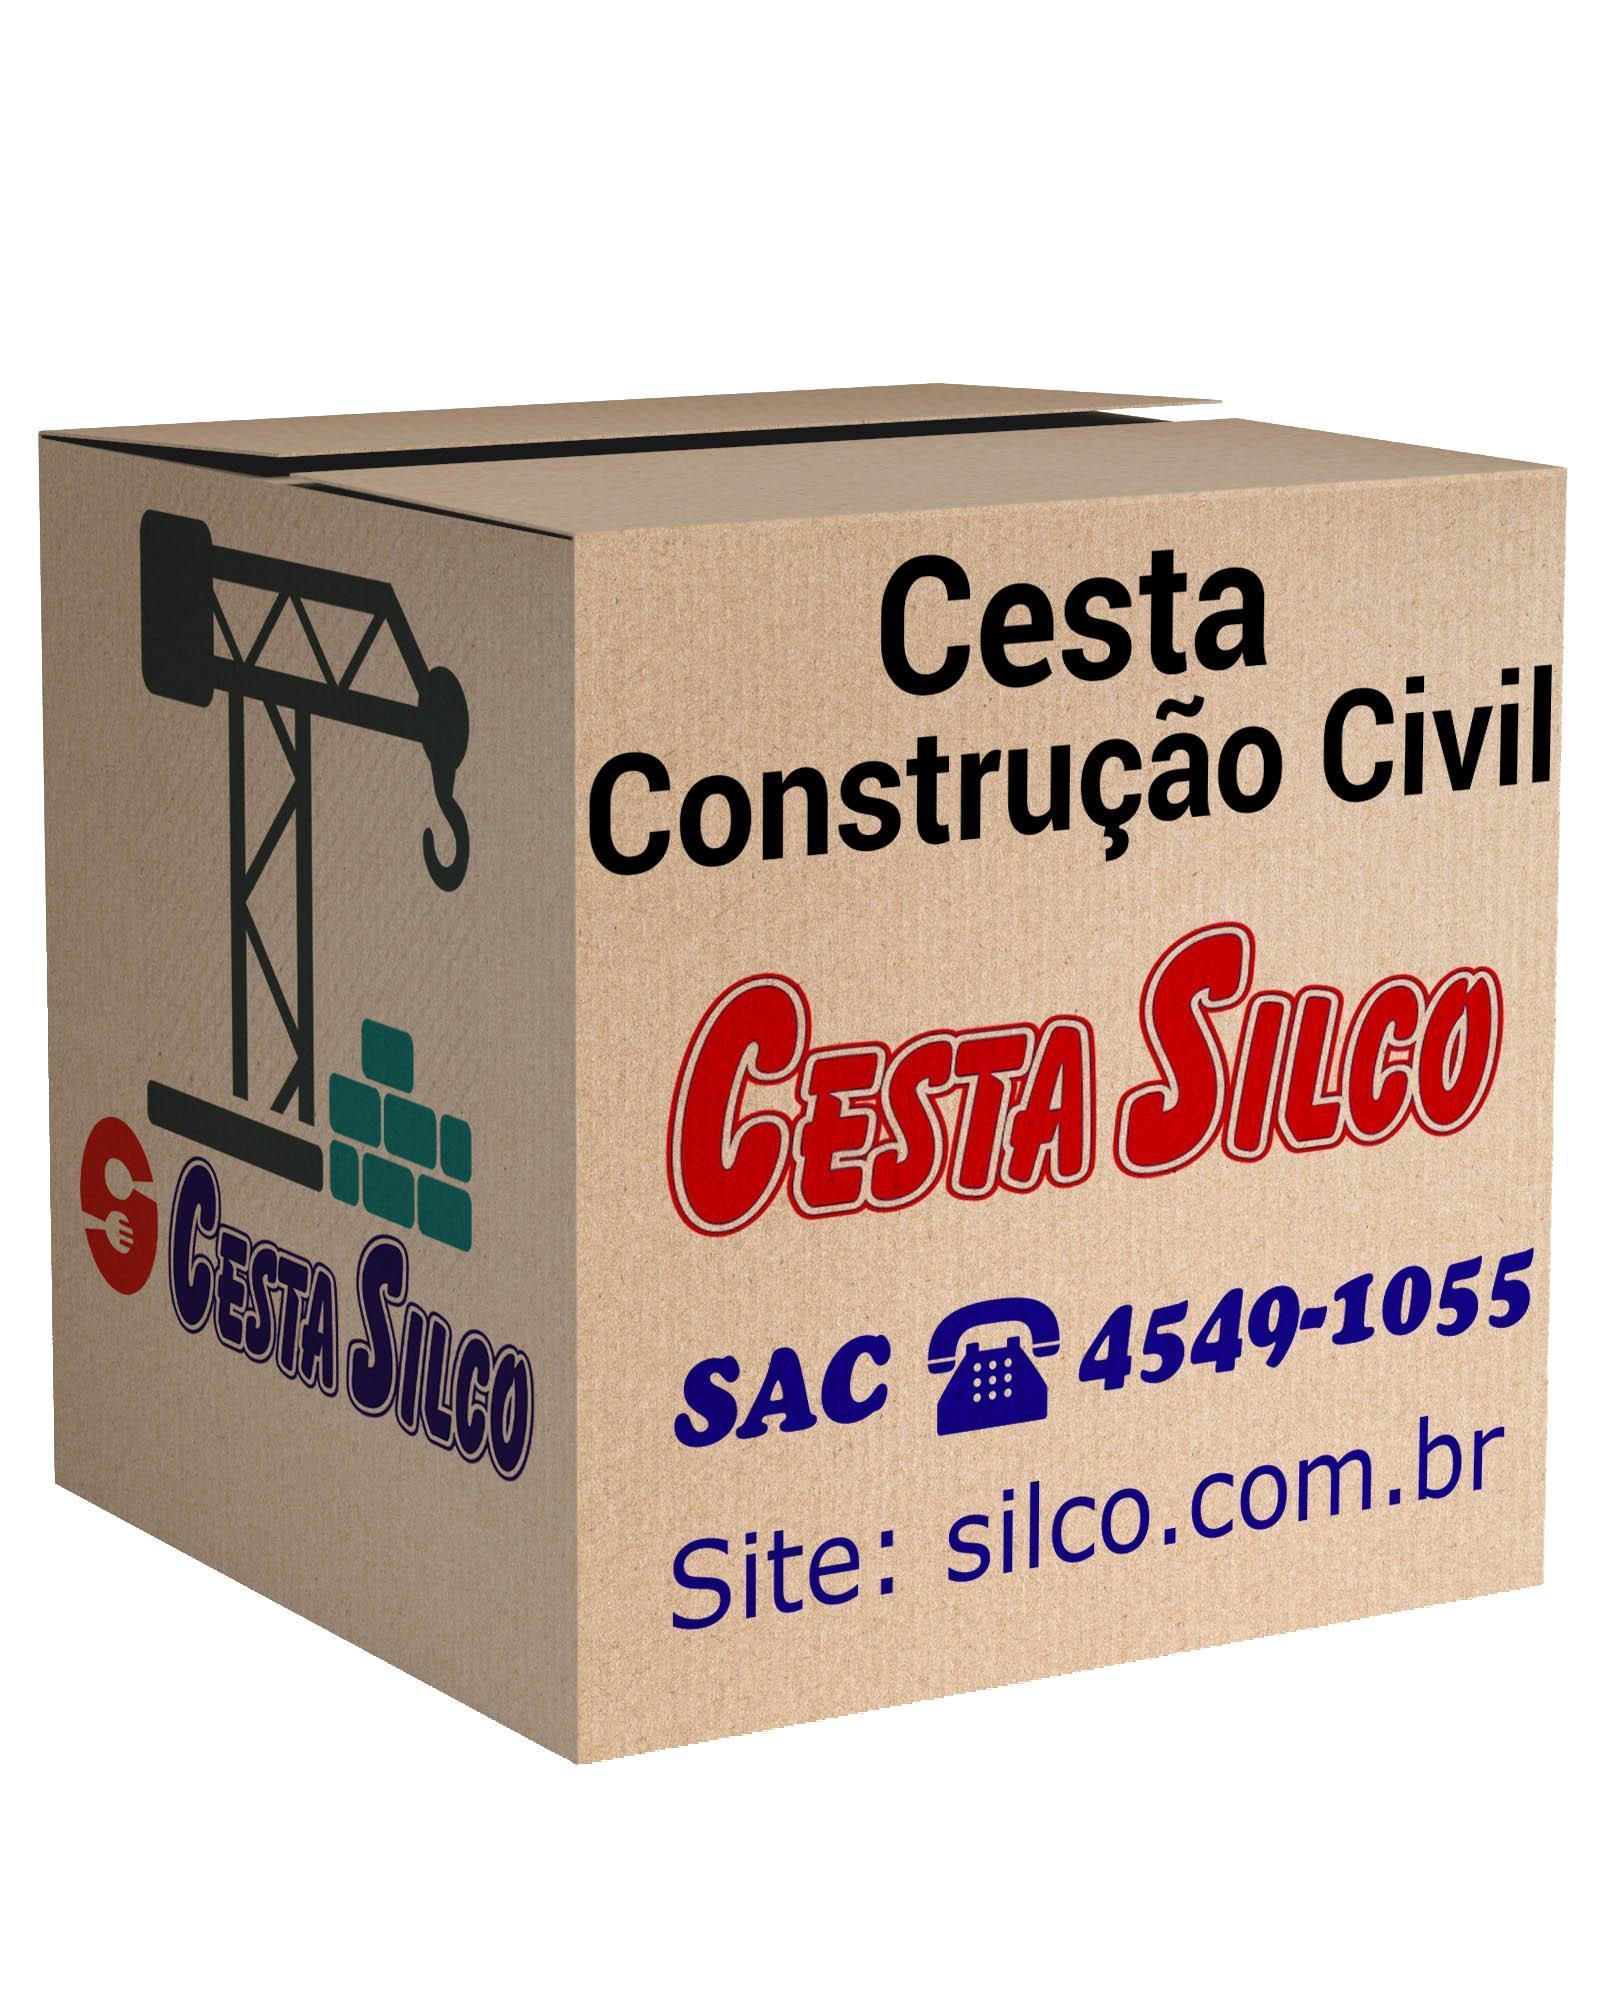 cesta-contrucao-civil